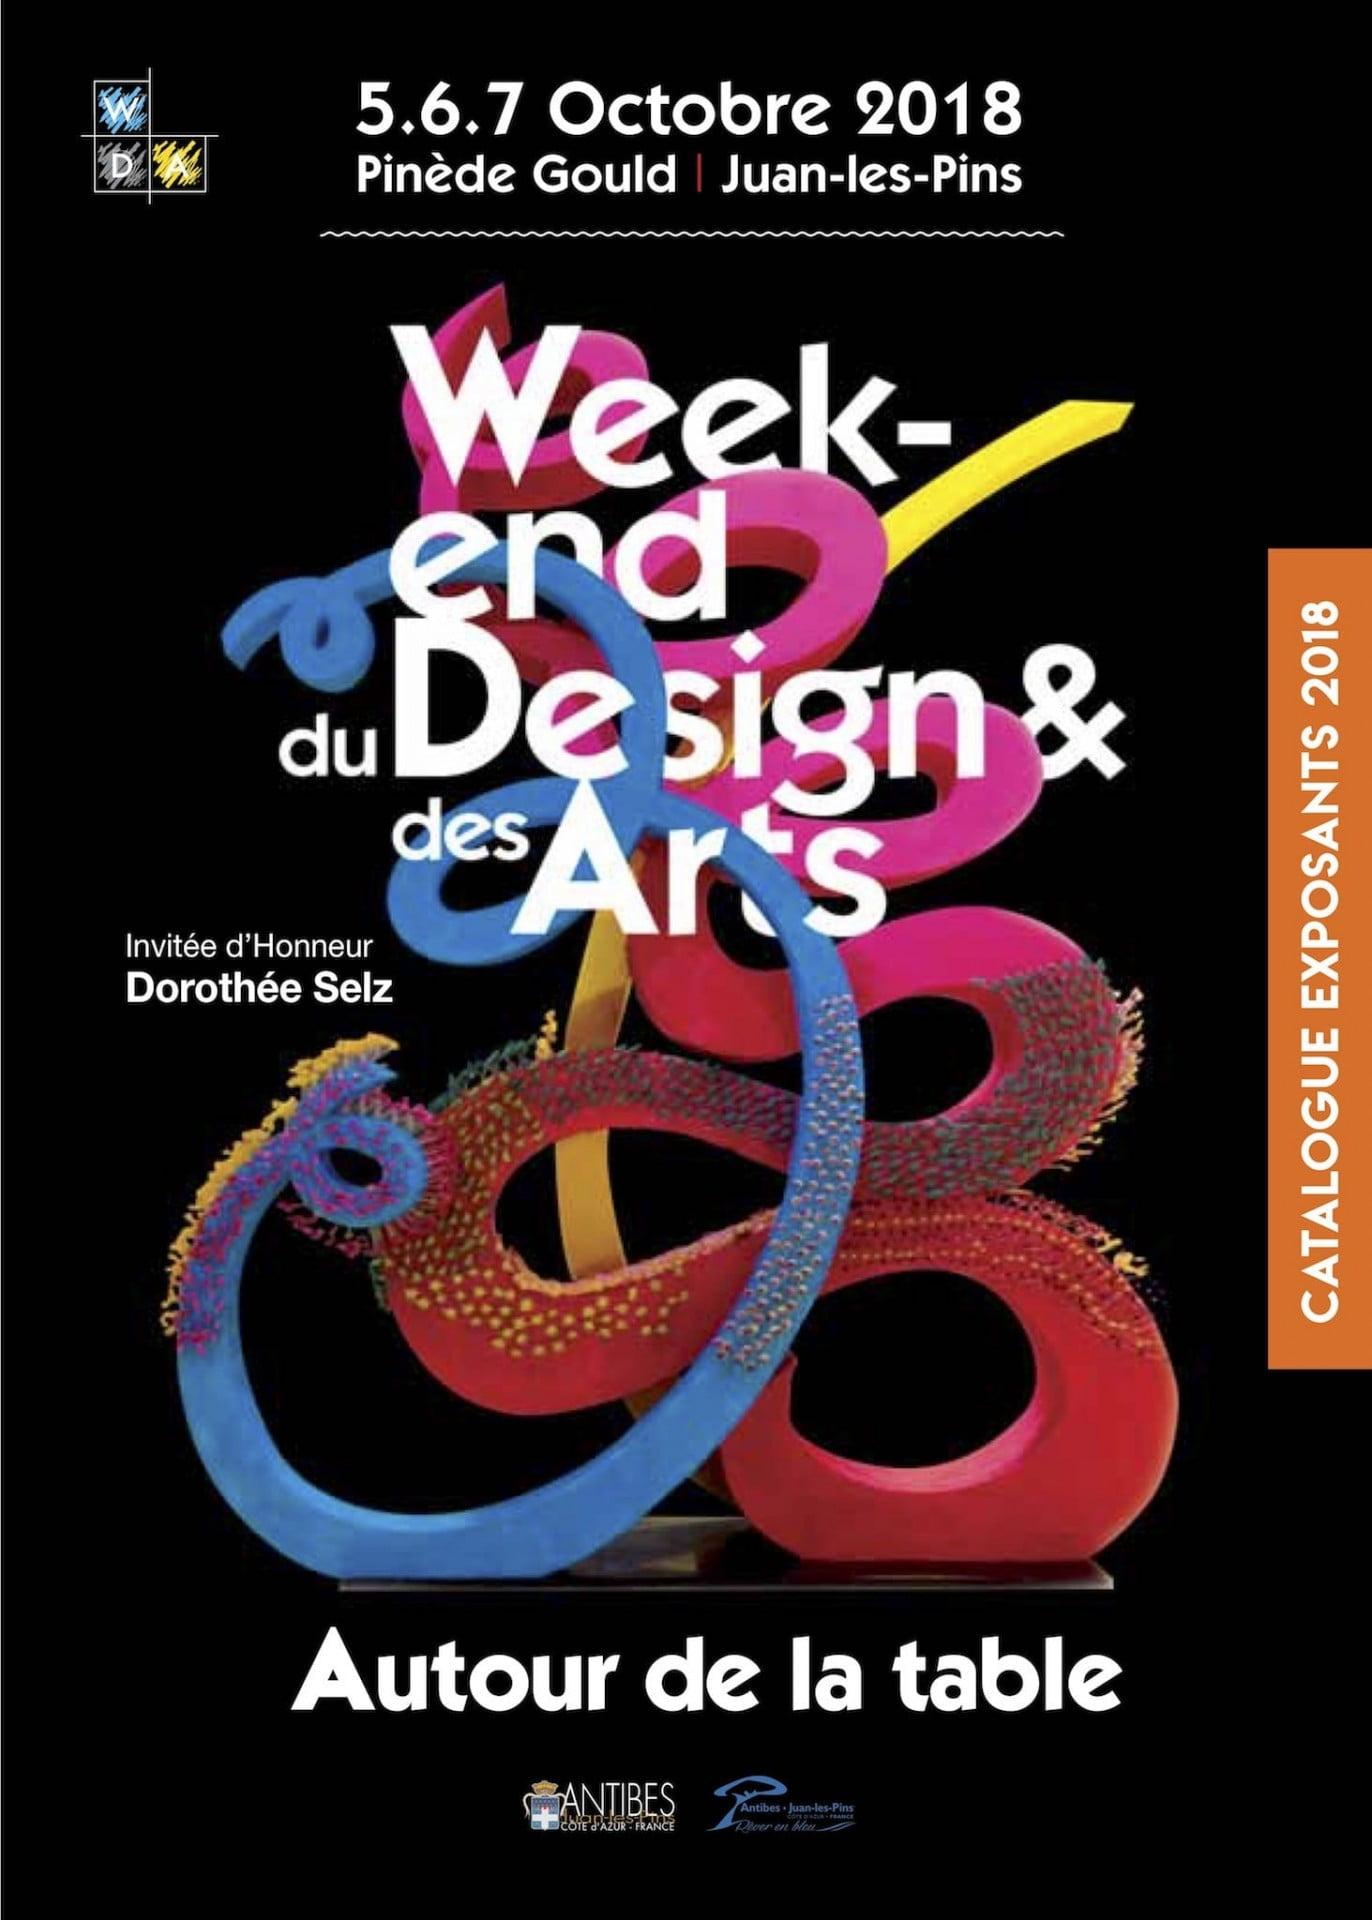 Salon Week-end du Design & des Arts - Autour de la table - Octobre 2018 - à Juan les Pins - Pinède Gould - Actualités Antibes - Juan les Pins - Tanit Immobilier